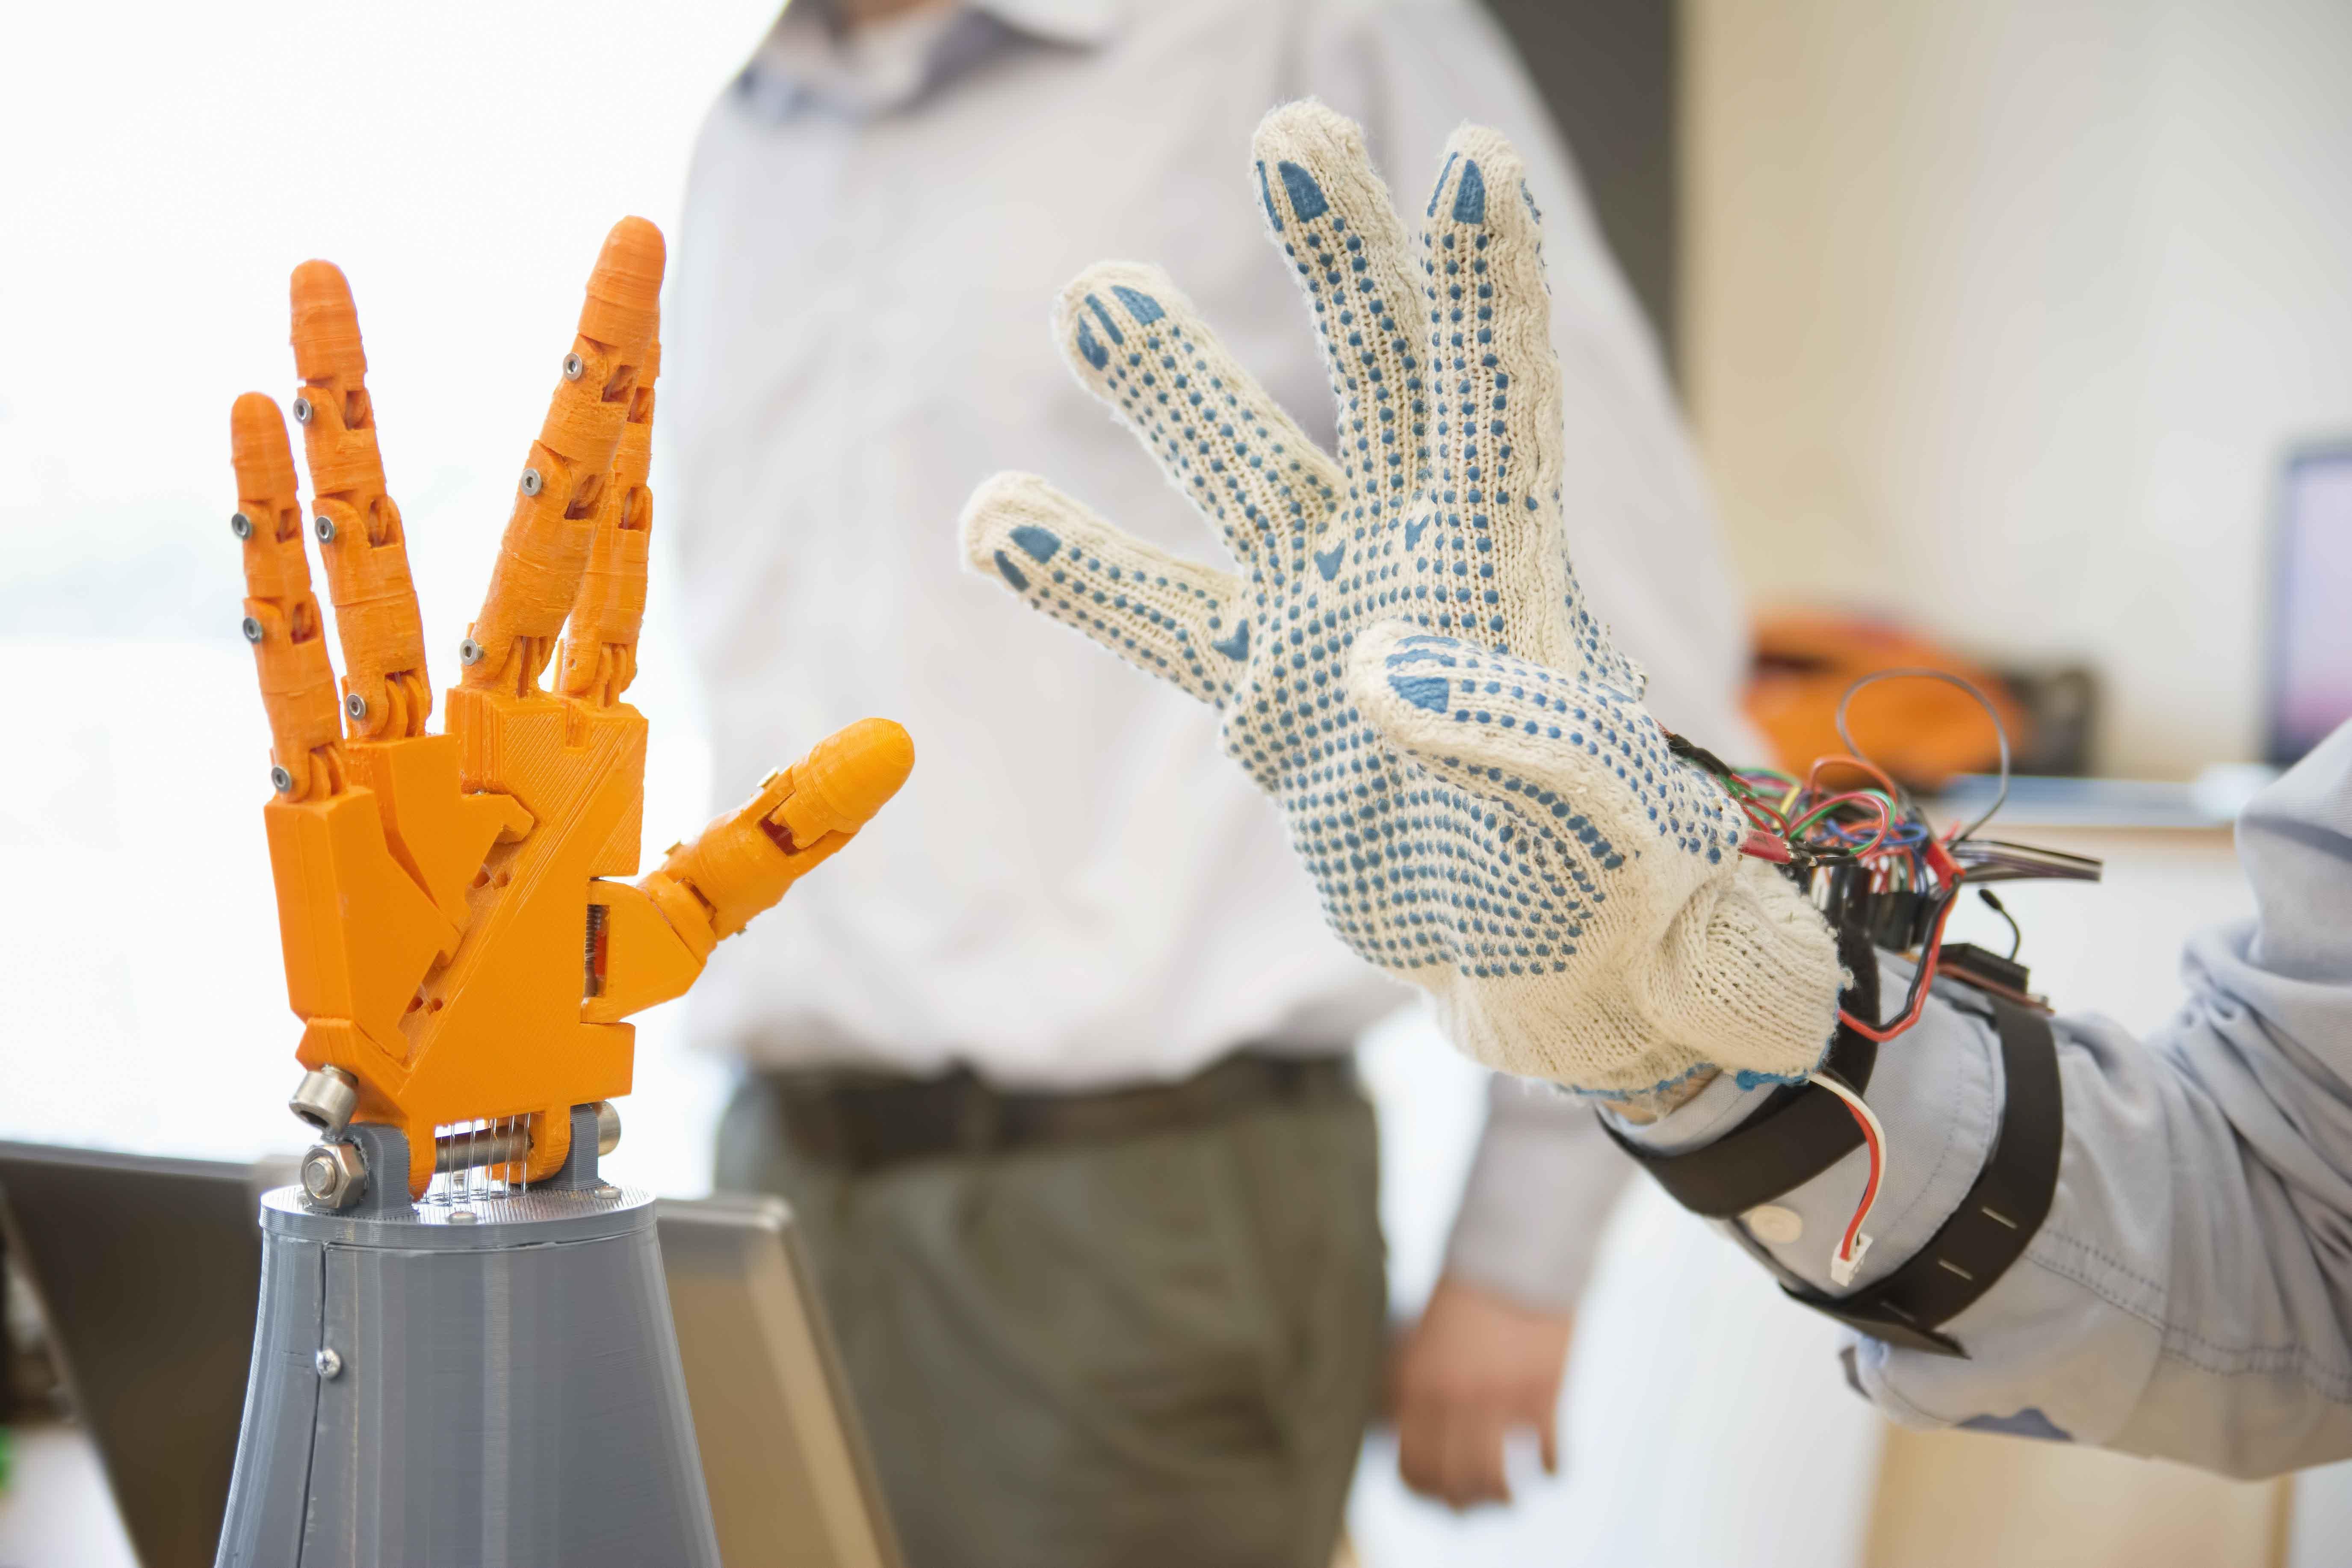 Mano robótica siendo probada en laboratorio